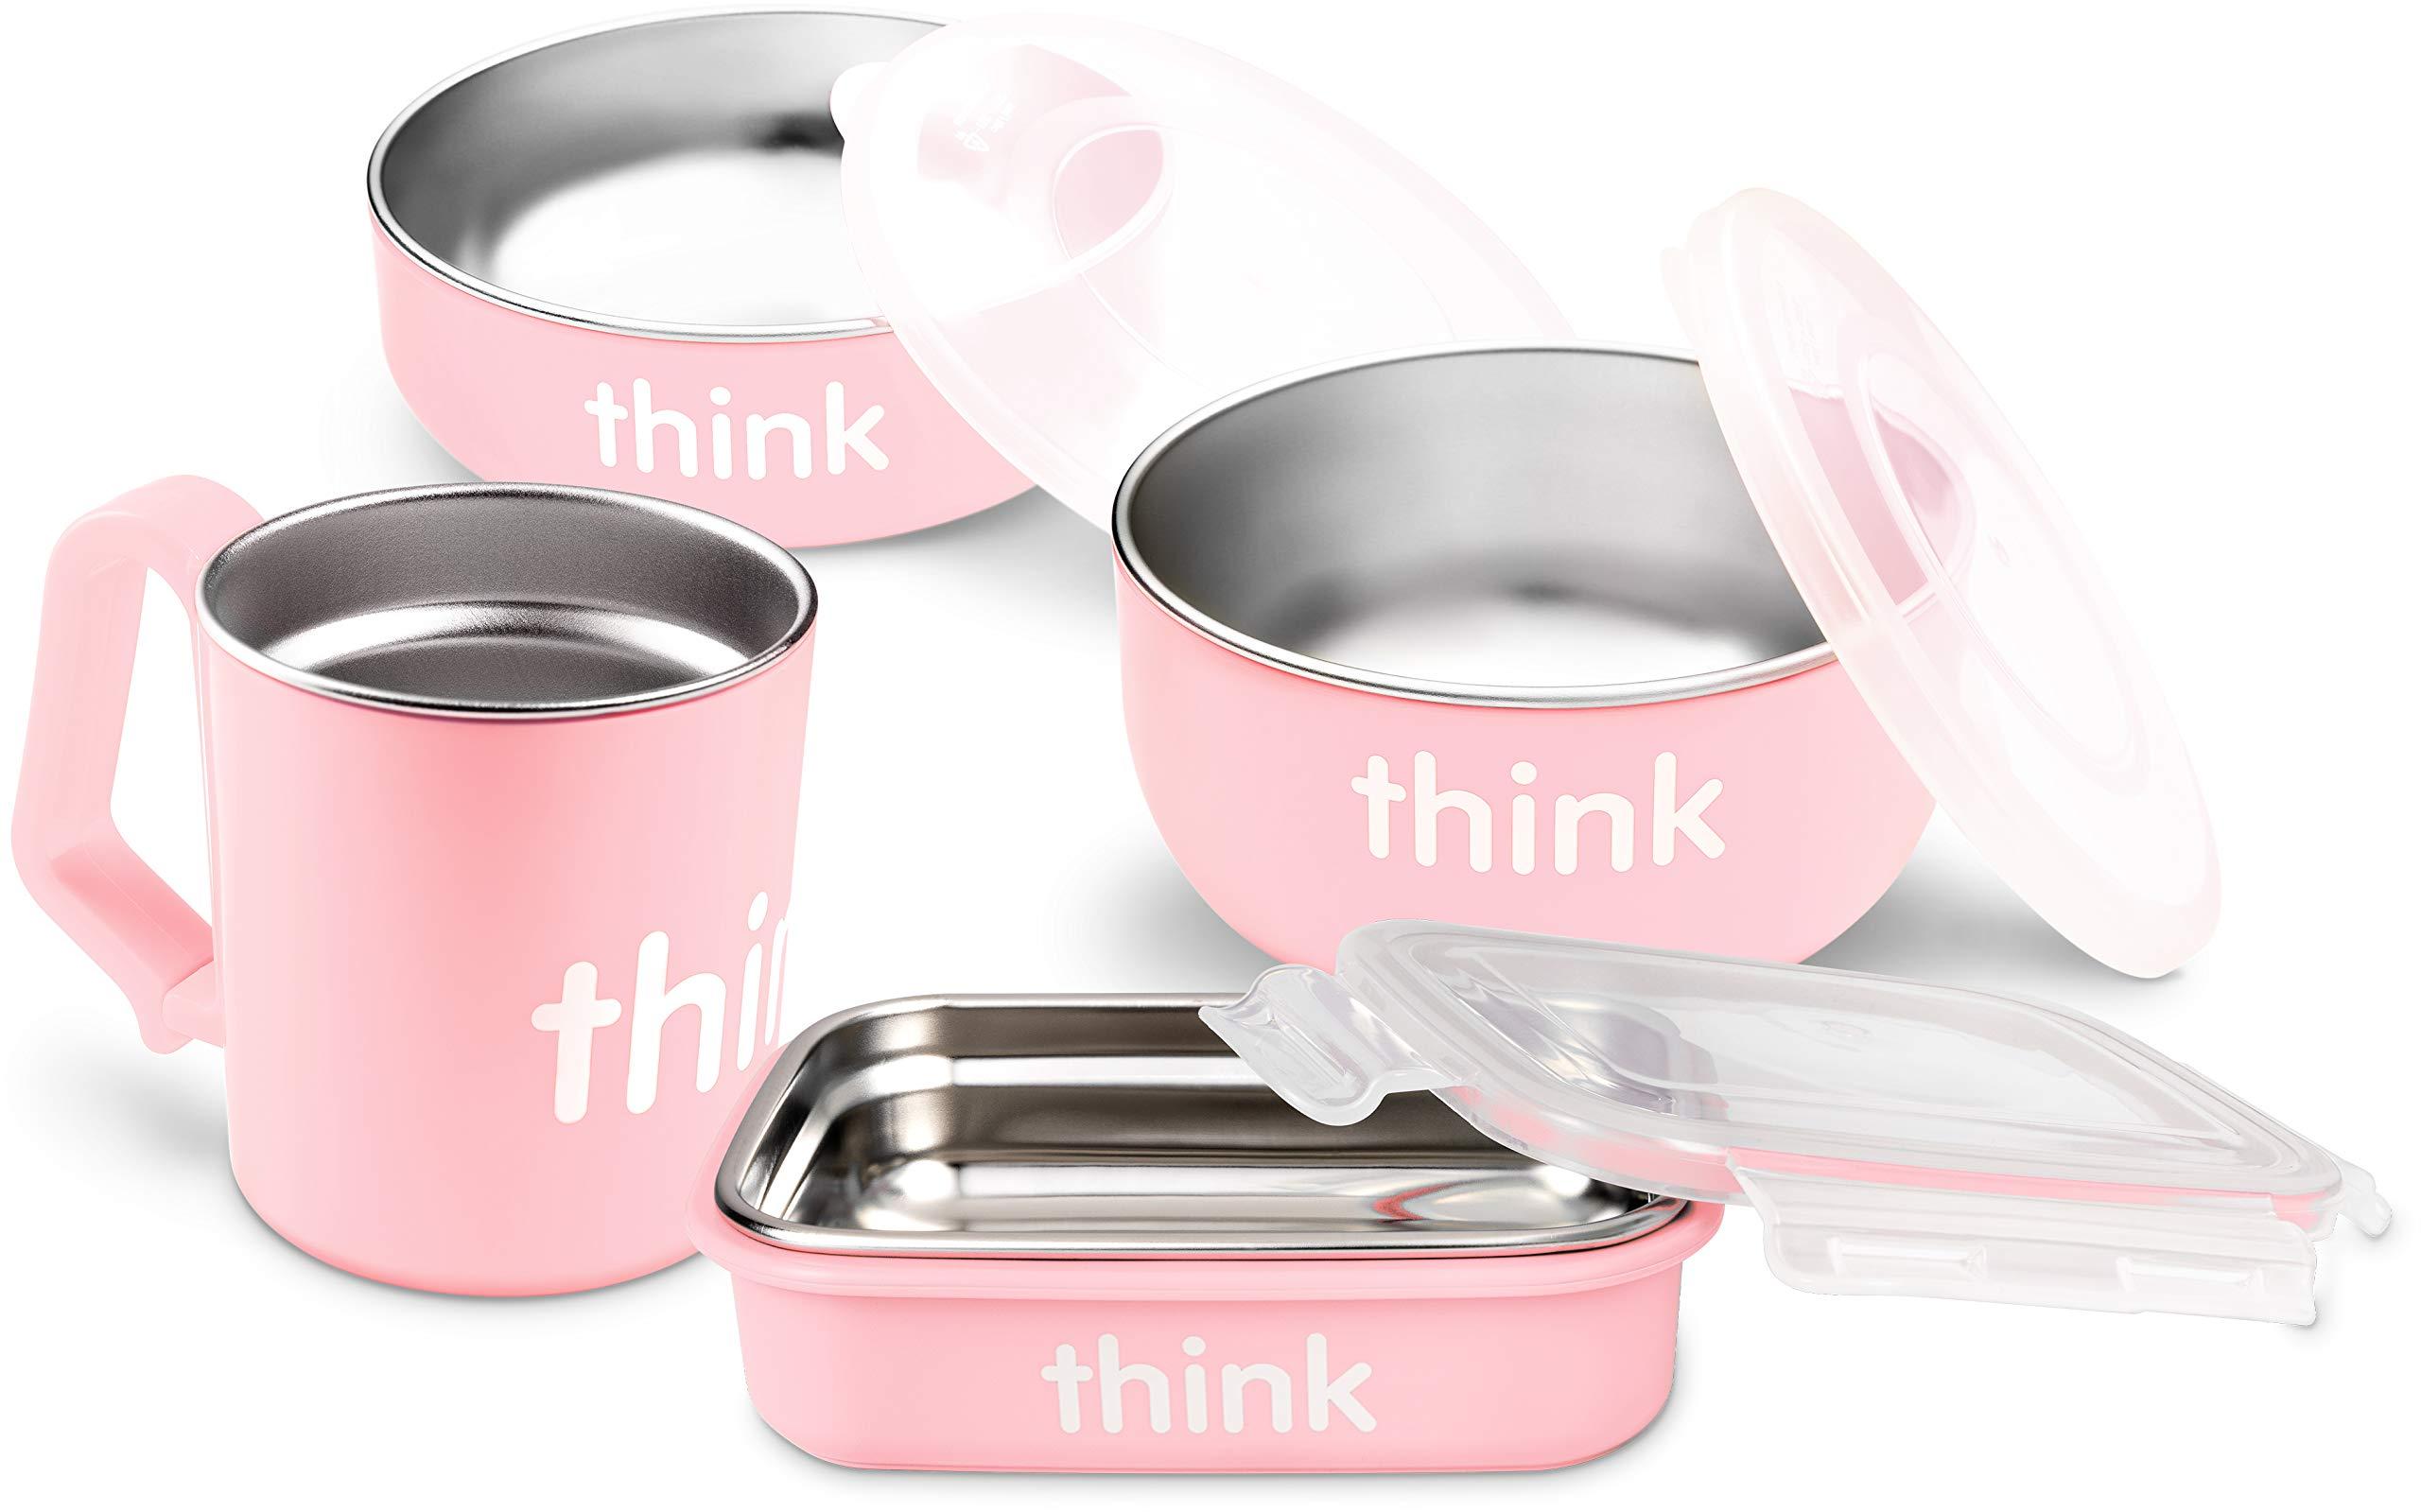 美国-Thinkbaby 辛克宝贝 不锈钢儿童餐具4件套(饭盒、汤碗、餐碗、水杯) 喂养套装-粉色